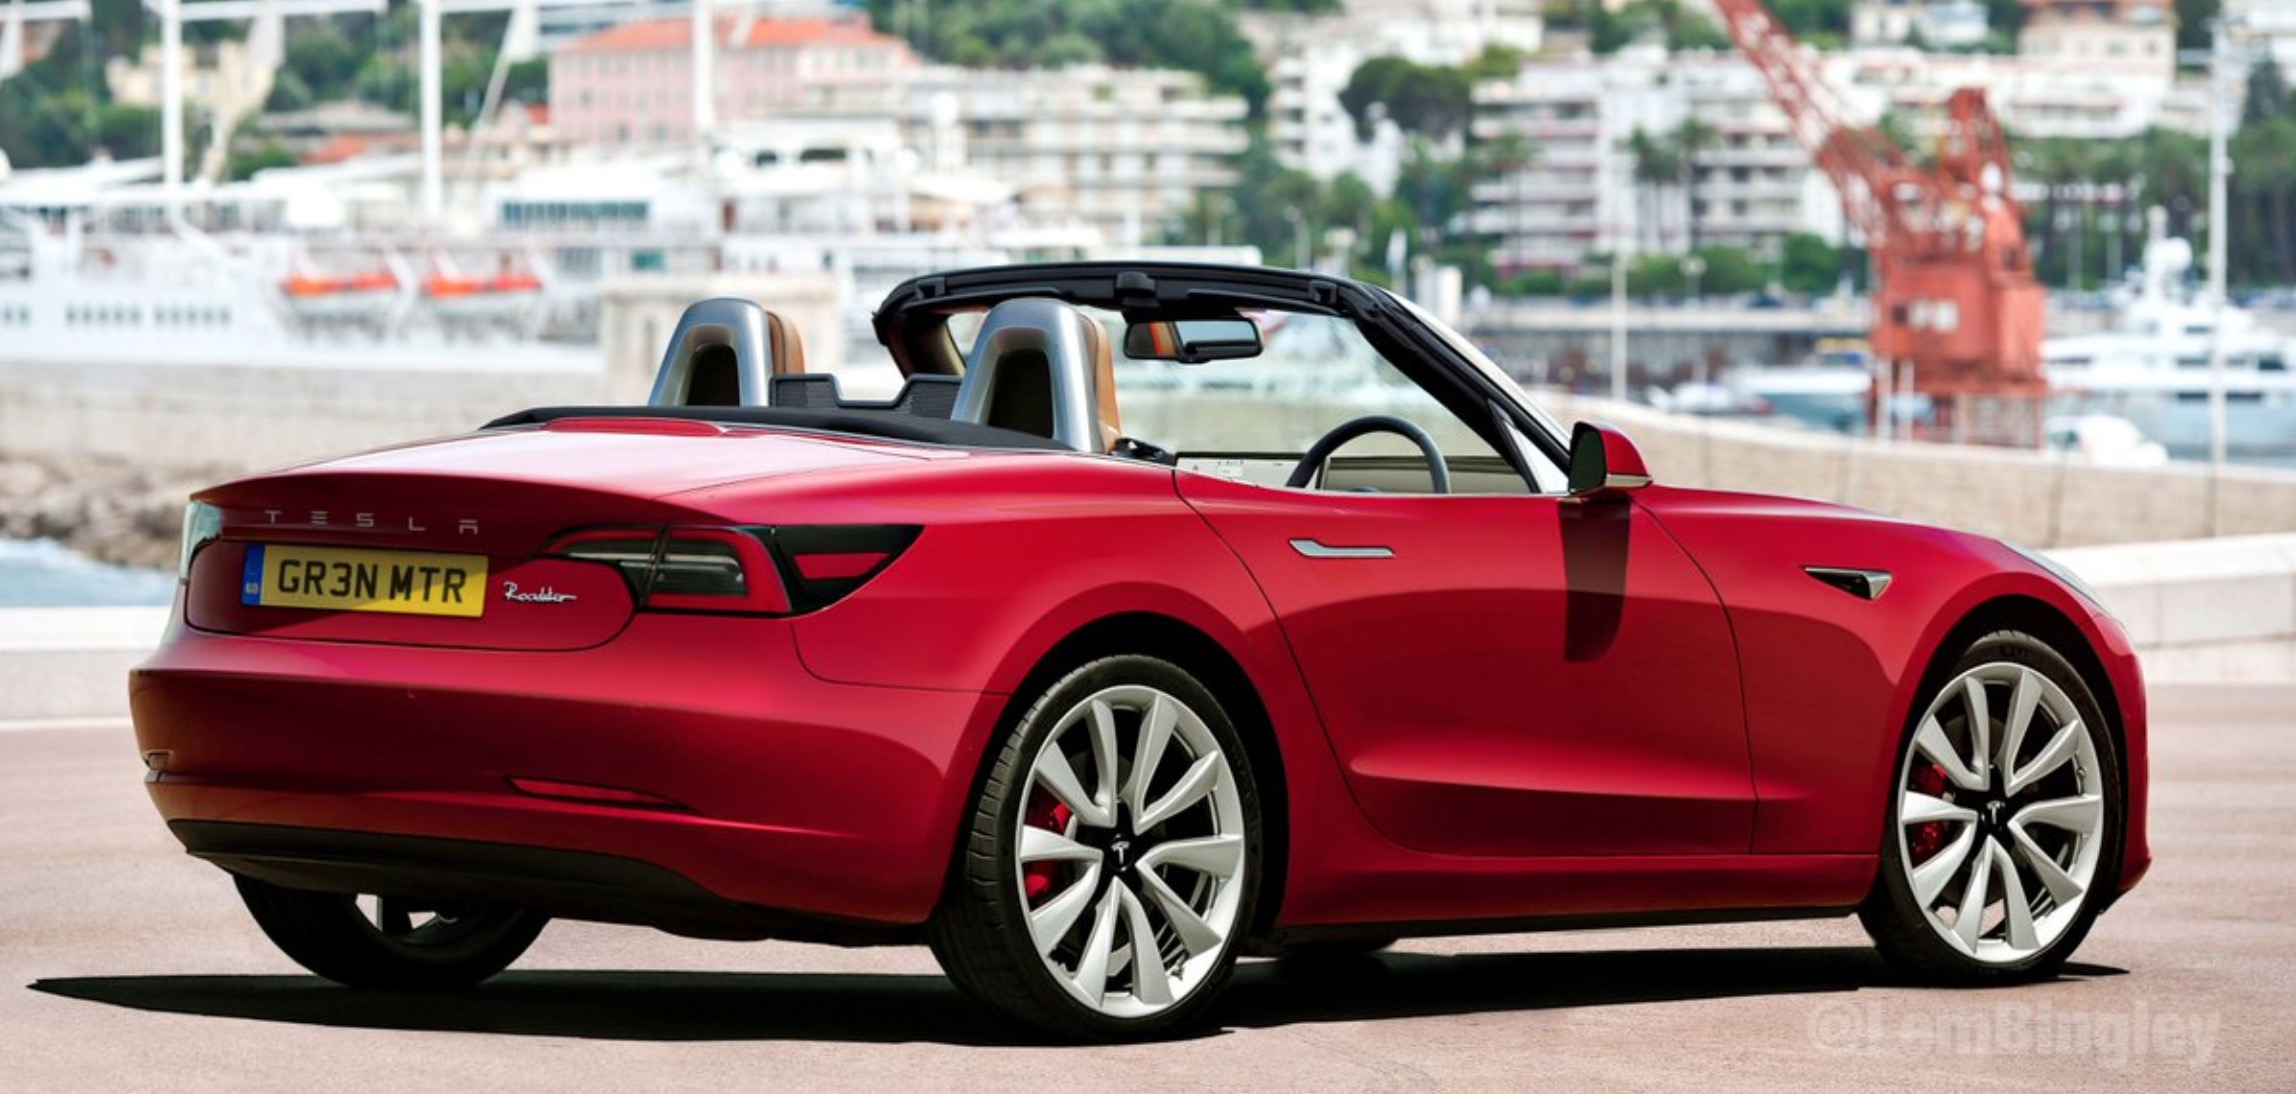 Tesla Miata-size convertible based on Model 3: Love it or Hate it - Electrek